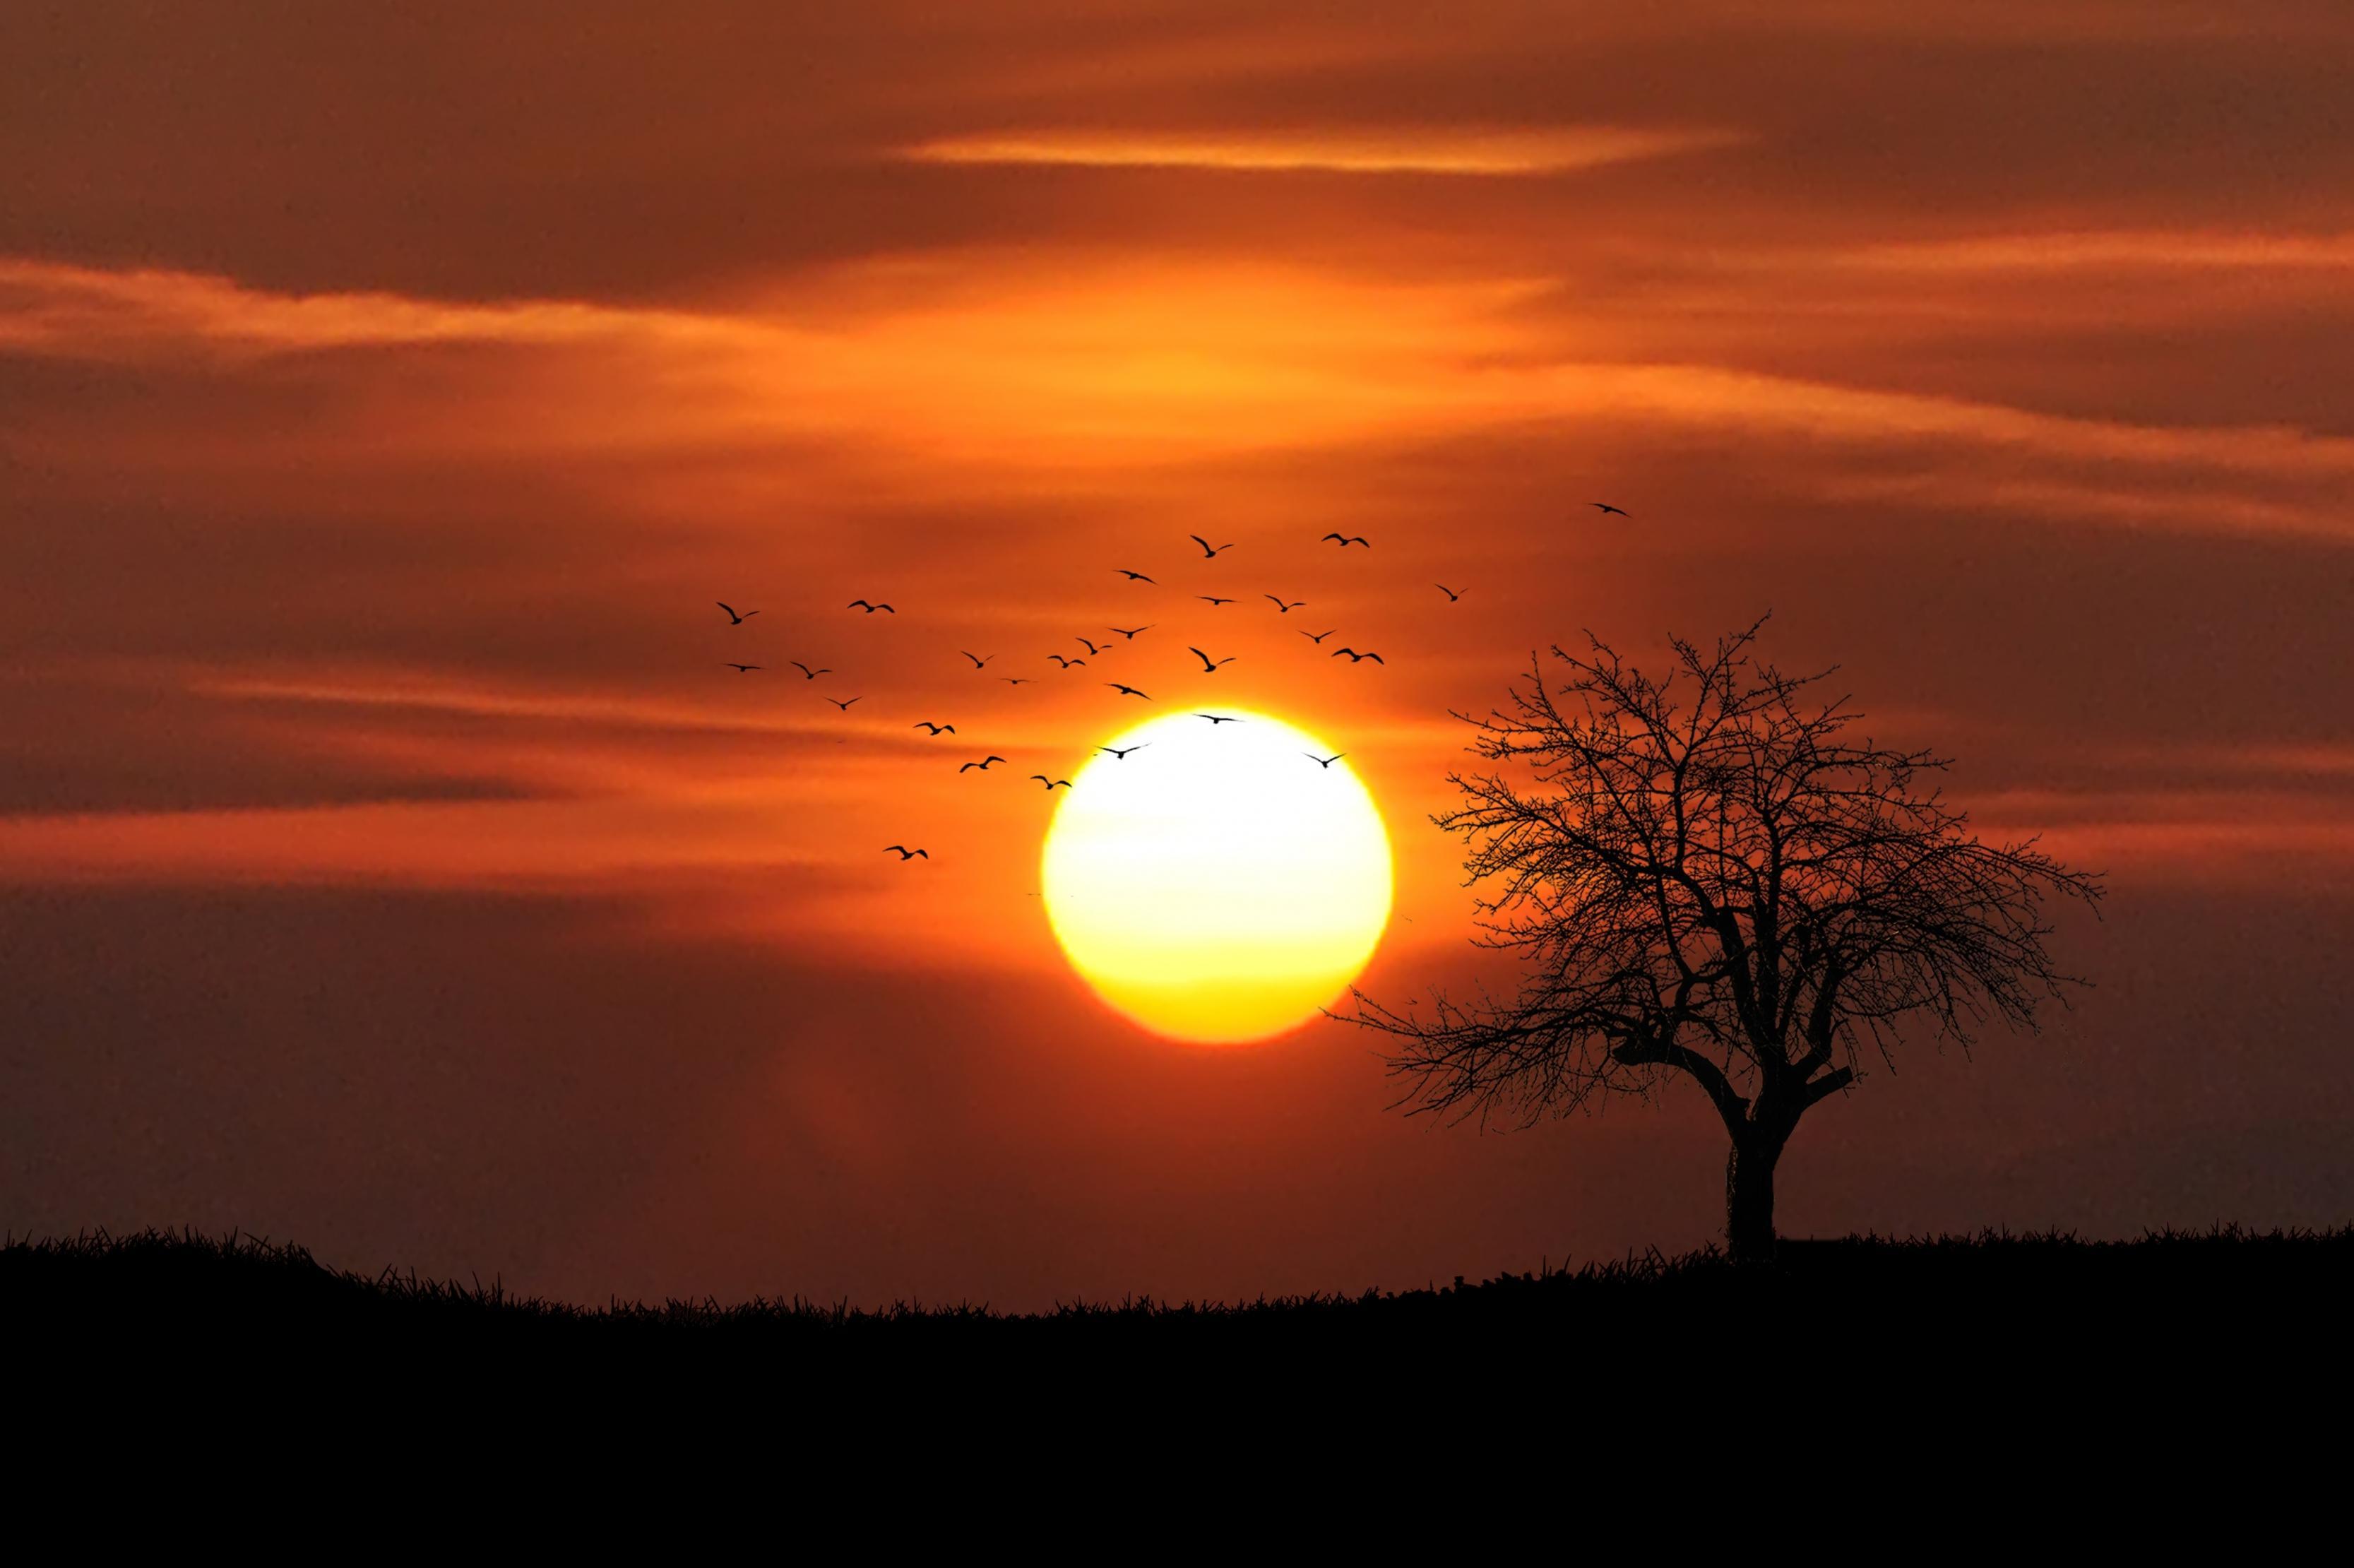 بالصور جمال غروب الشمس , من اجمل المناظر الطبيعية 3849 5